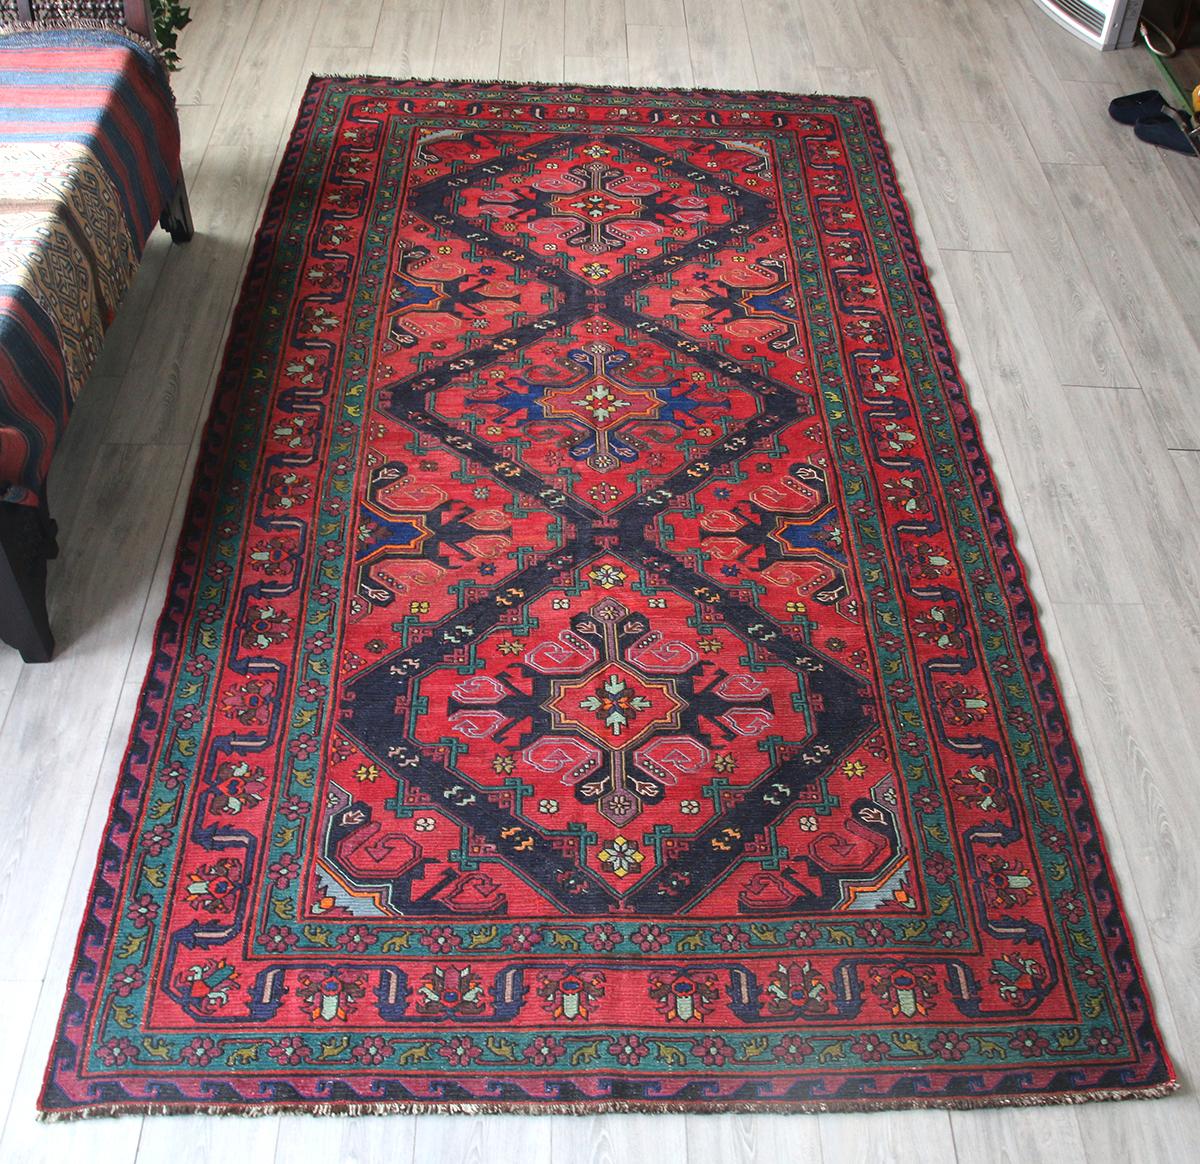 オールドキリム・コーカサス地方のスマック織り298×159cm大型リビングサイズ/3つの花のメダリオン